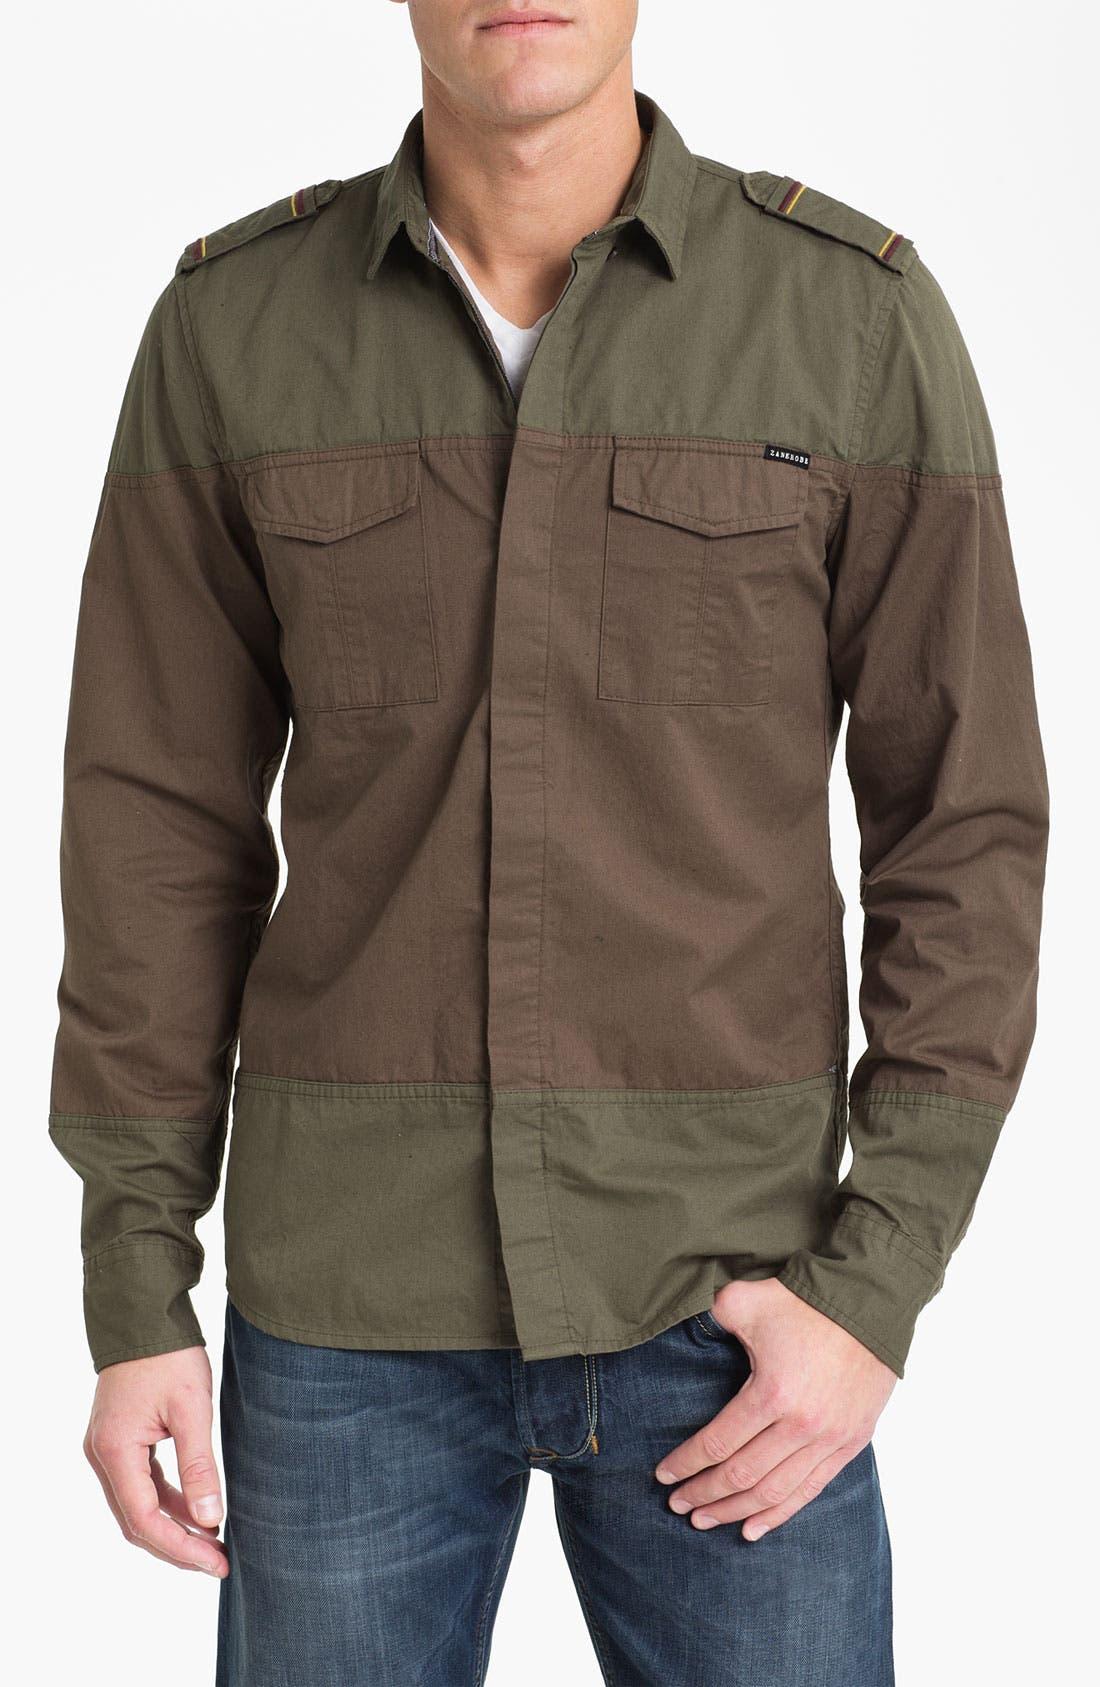 Alternate Image 1 Selected - Zanerobe 'Warfare' Woven Shirt